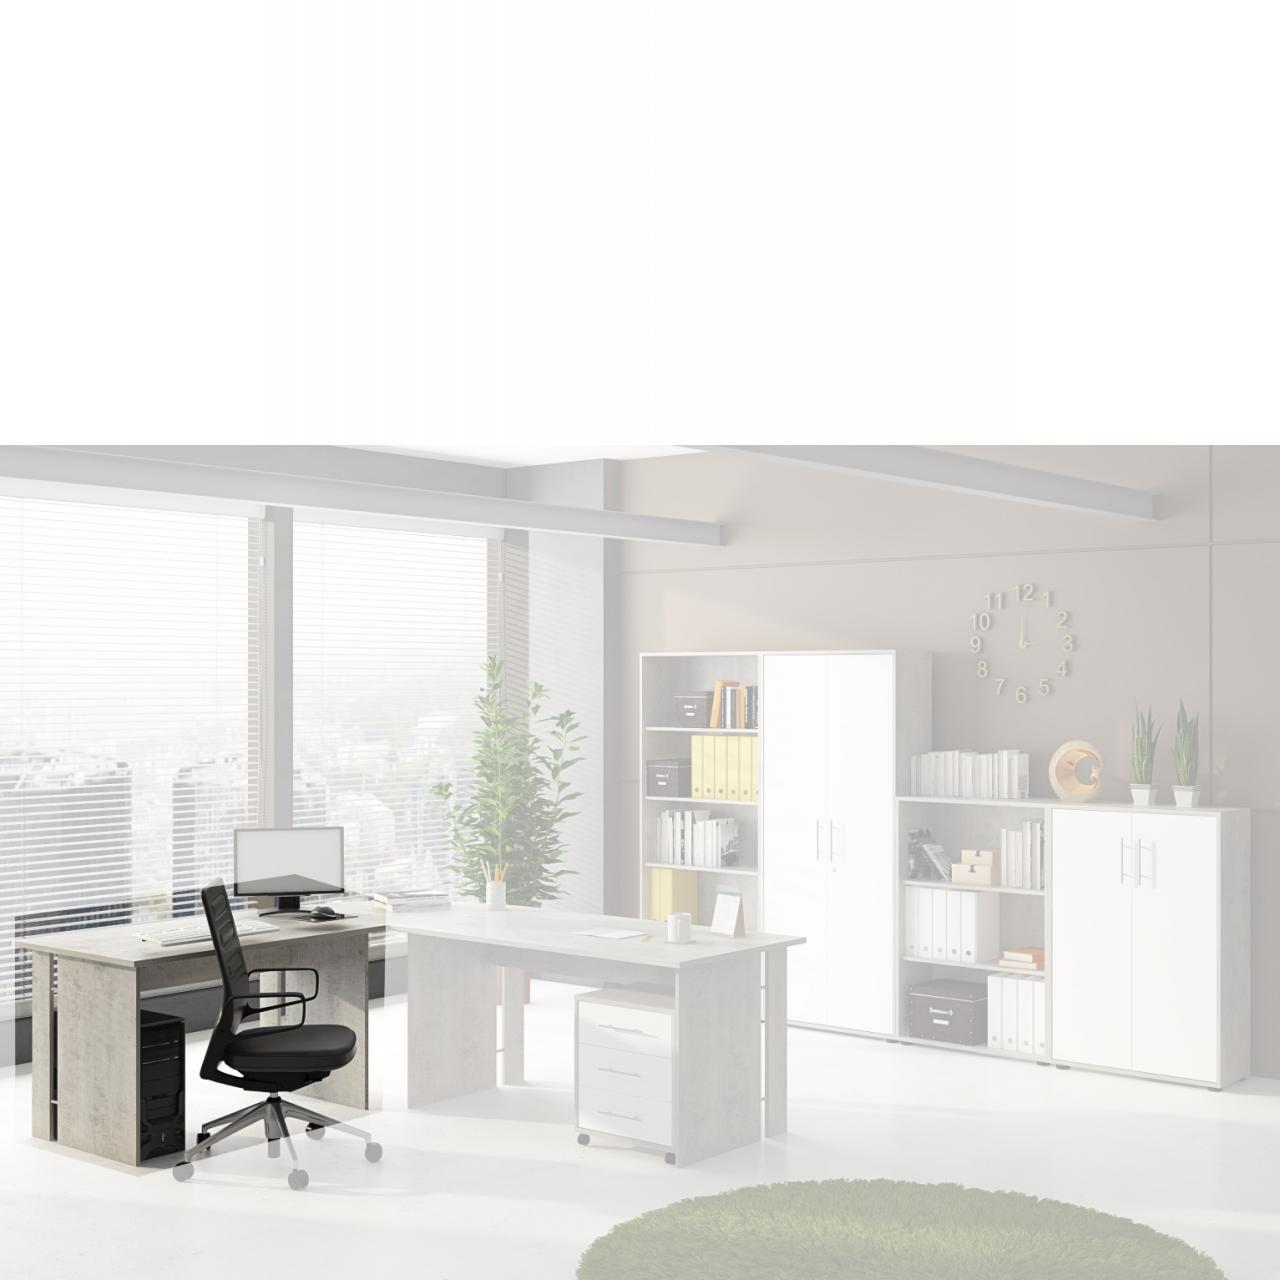 Schreibtisch Bonn Beton Optik - mit Eckplatte